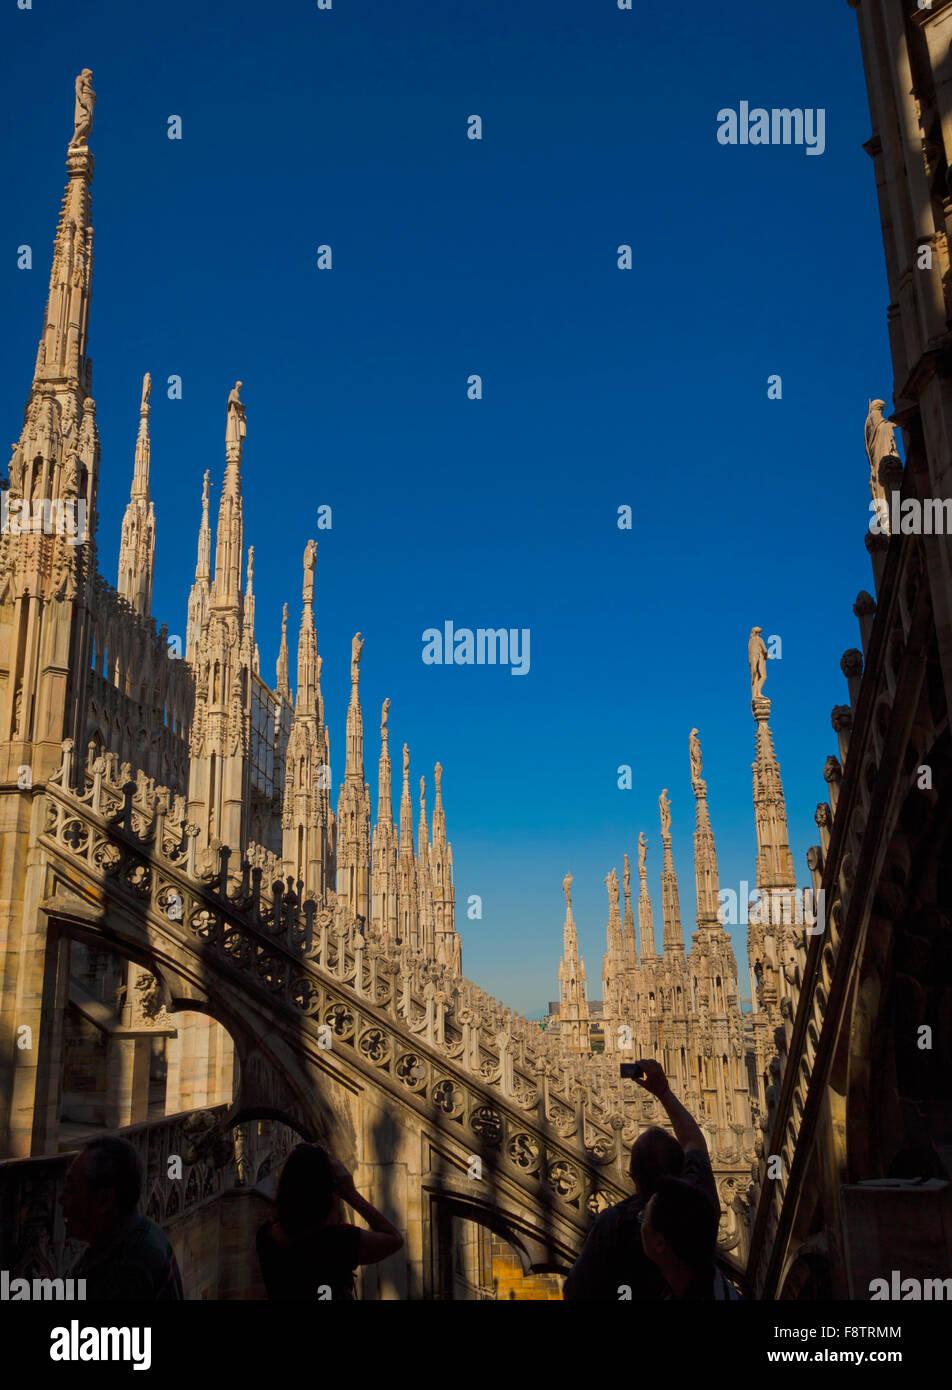 Milán, Provincia de Milán, Lombardía, Italia. Agujas en el techo de la Catedral, o la catedral. Imagen De Stock